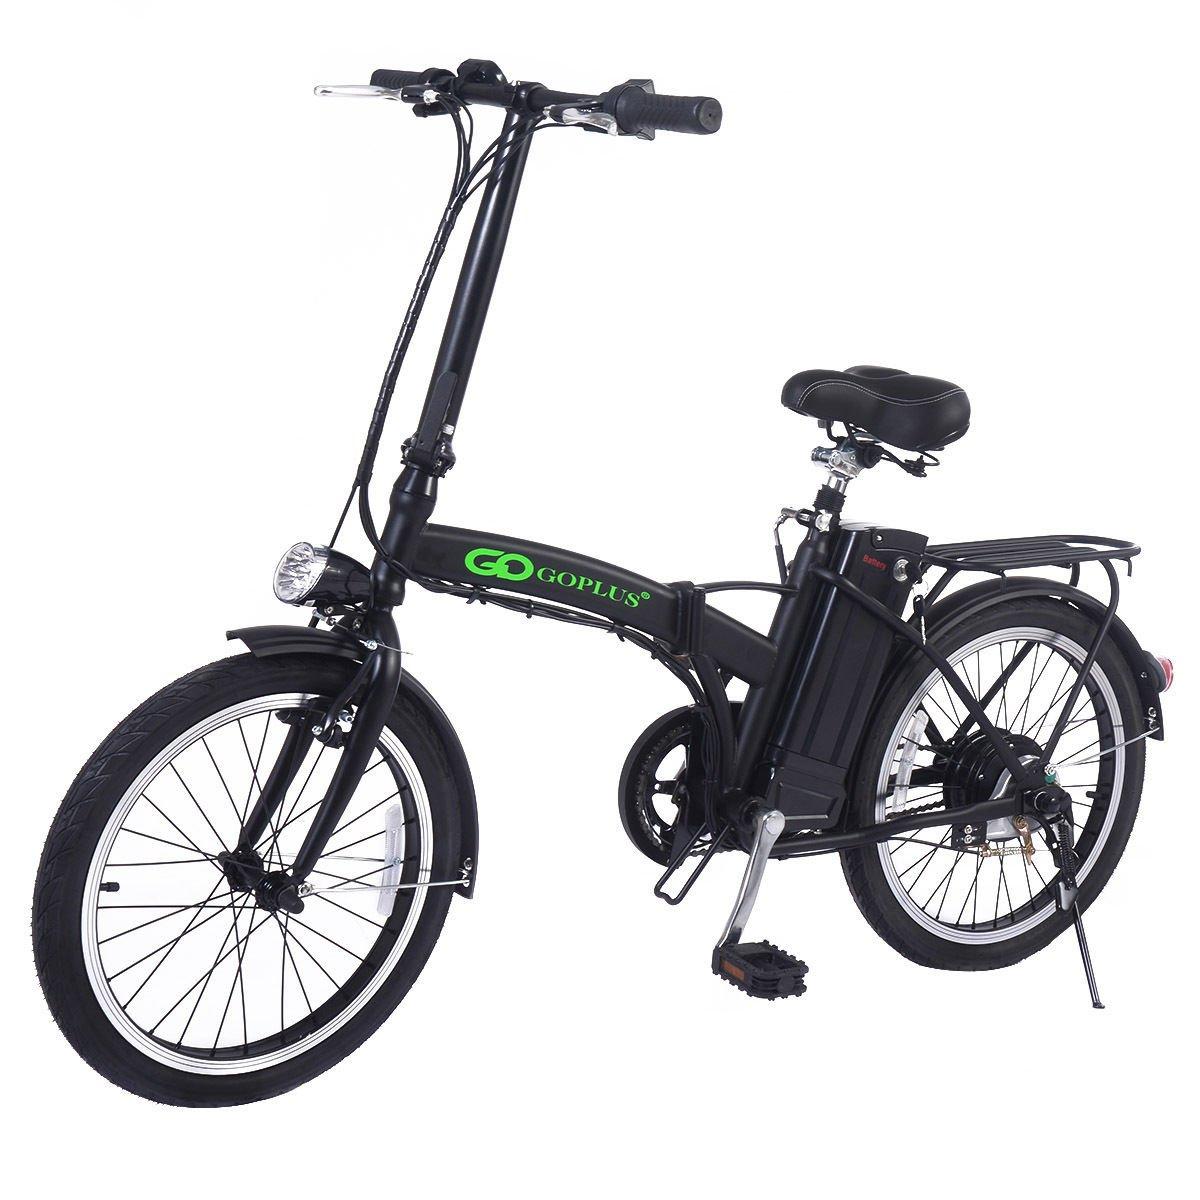 Goplus 20 Inch 250W Folding Electric Bike Sport Mountain Bicycle